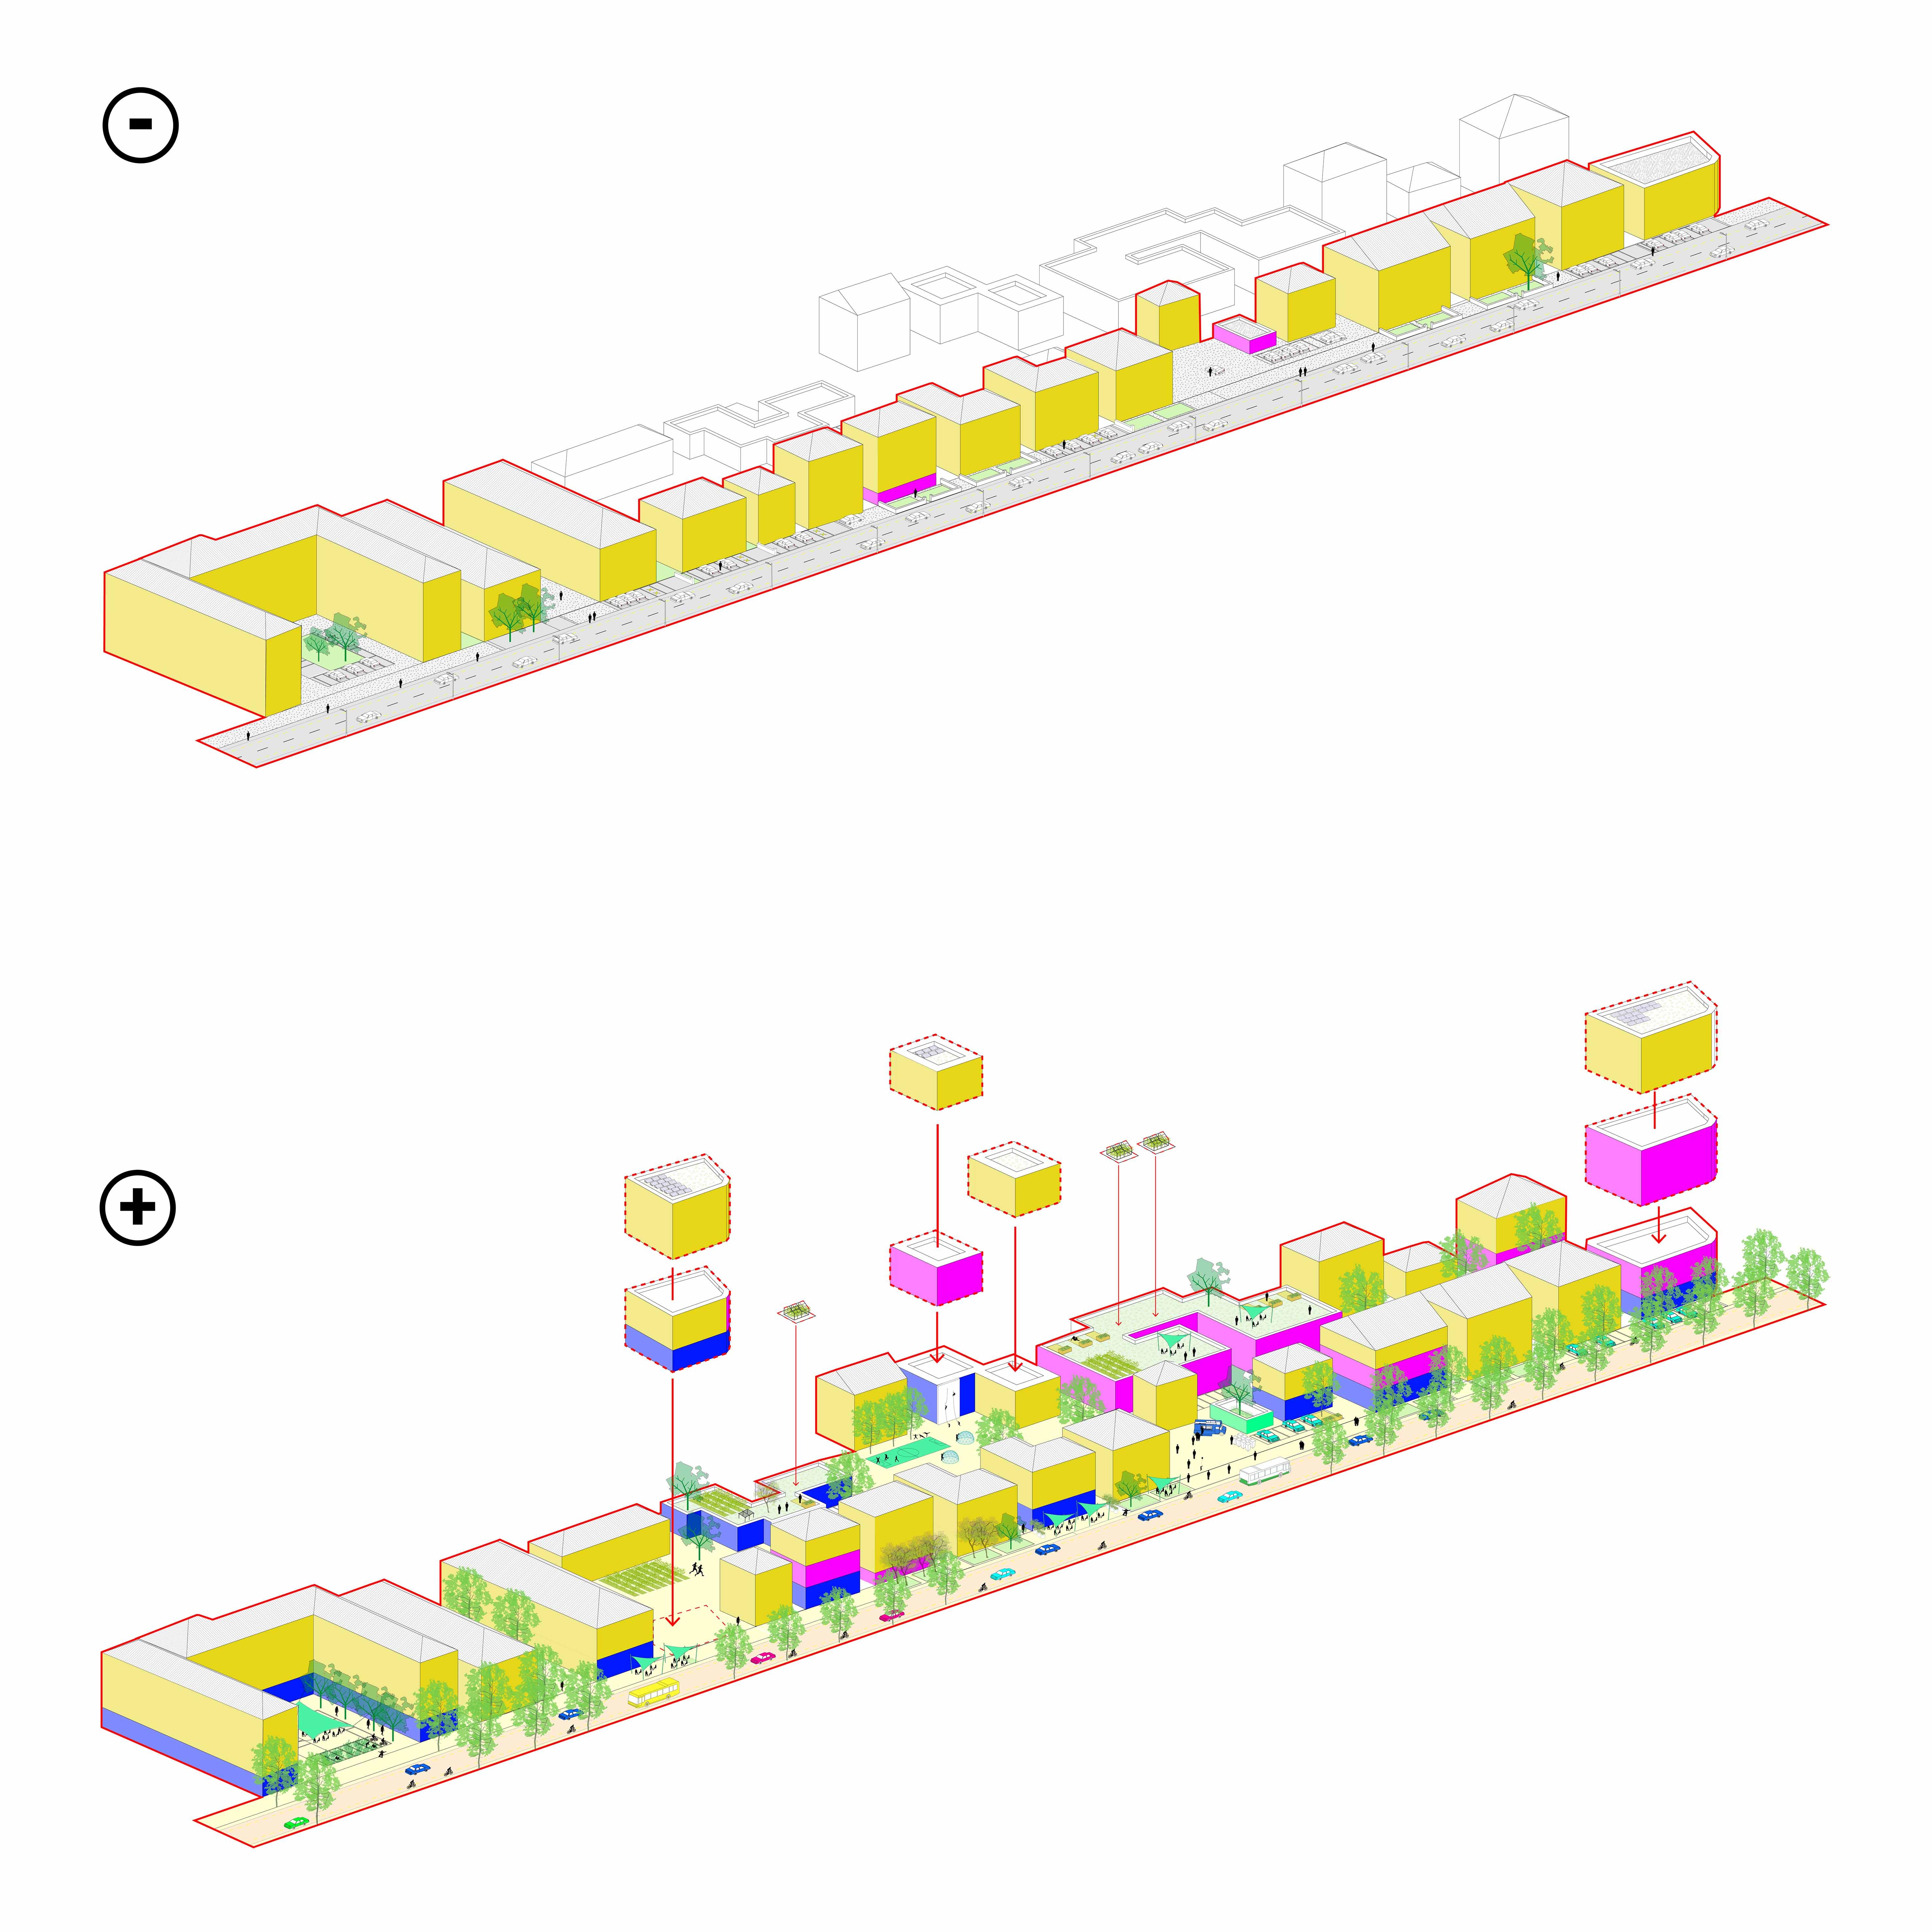 diagramme actéon diane laboratoire